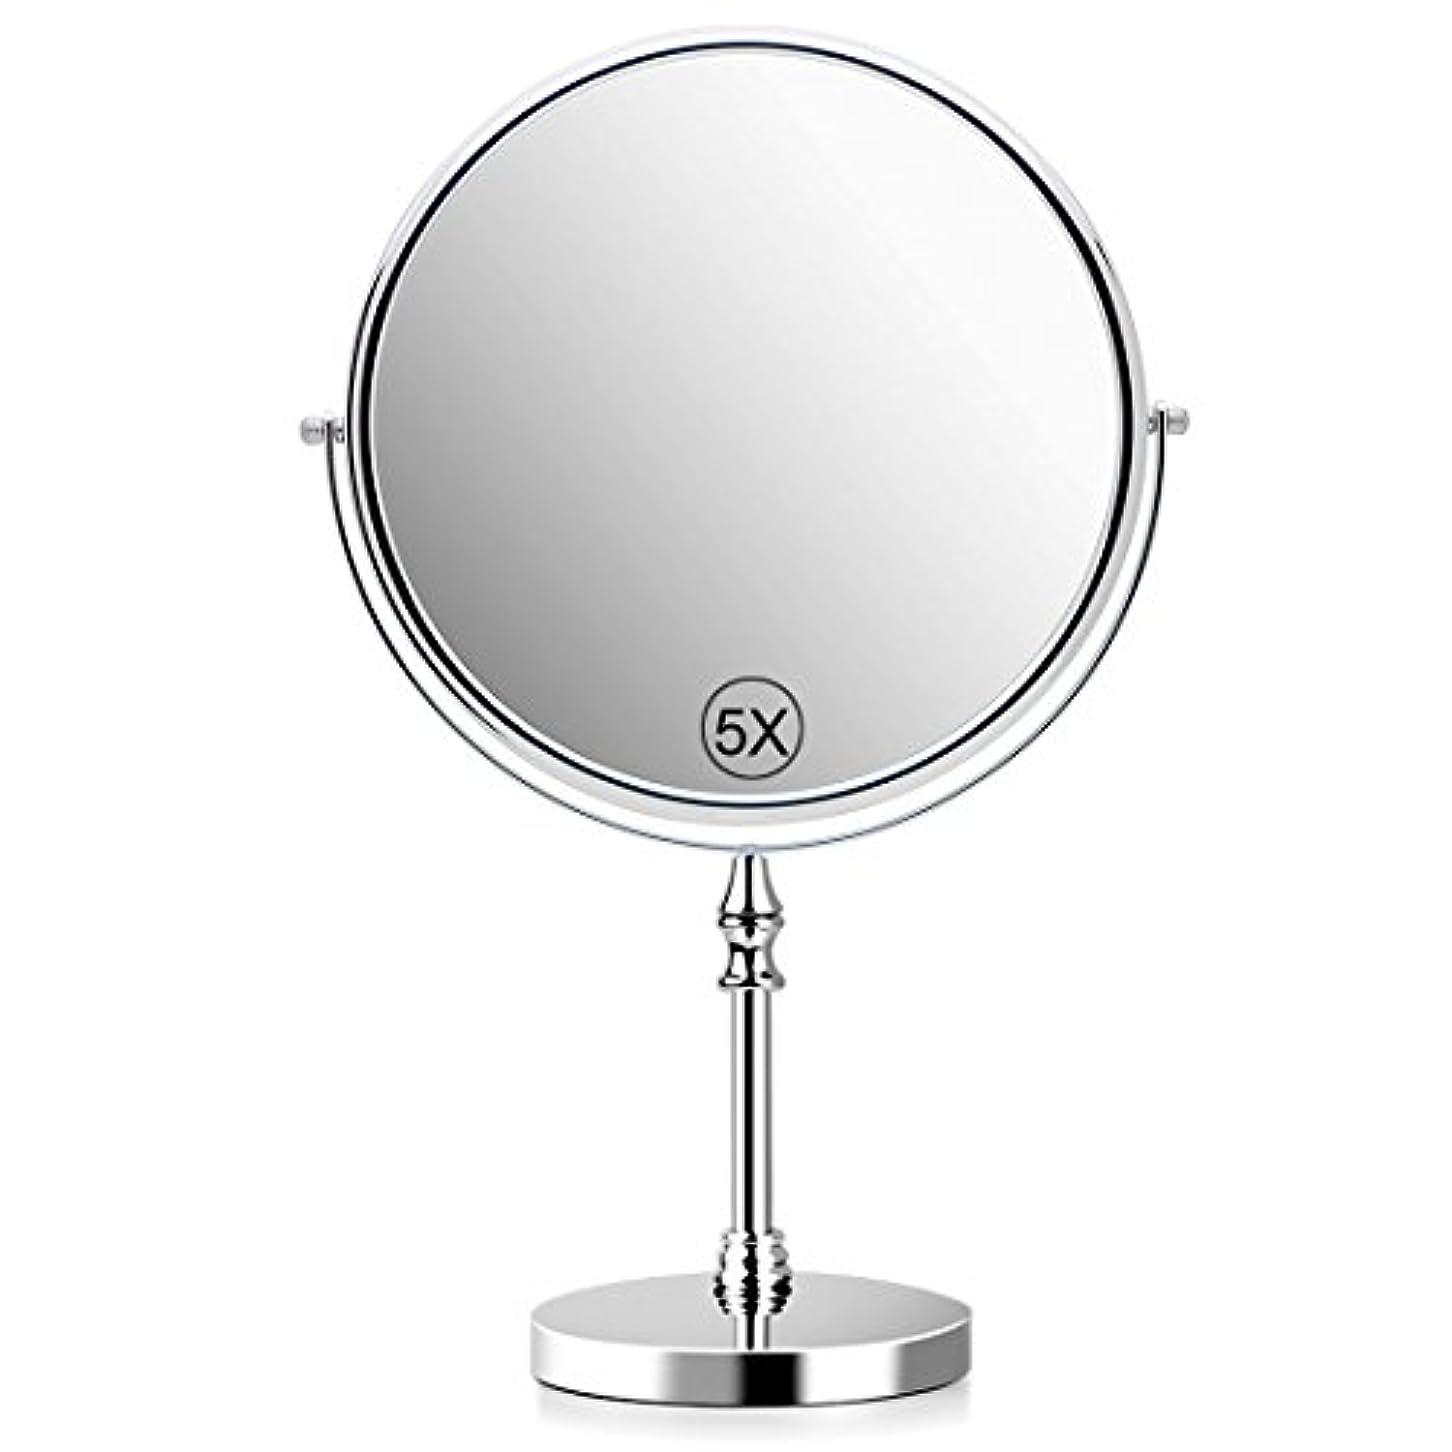 拷問完璧な控えめな5倍拡大鏡 化粧鏡 卓上鏡 化粧ミラー 等倍鏡 両面型 360度回転式 60度回転 直径20cm